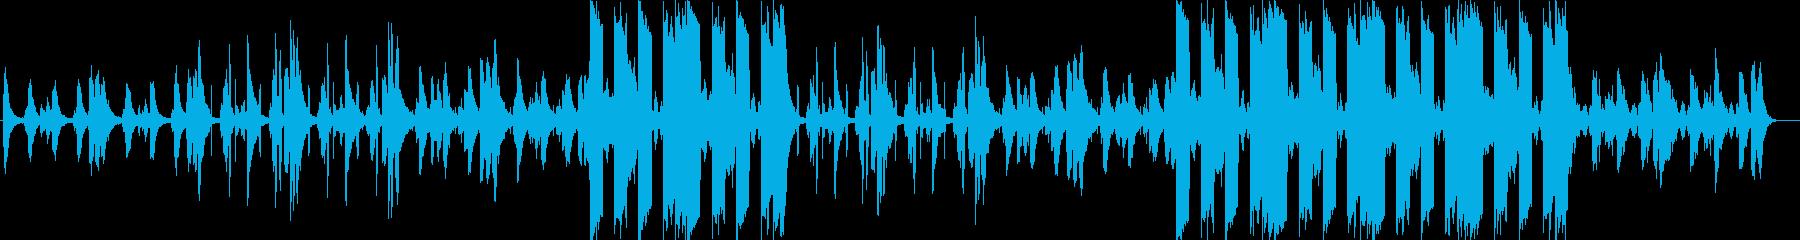 洋楽 チルアウト R&B  ムーディーの再生済みの波形